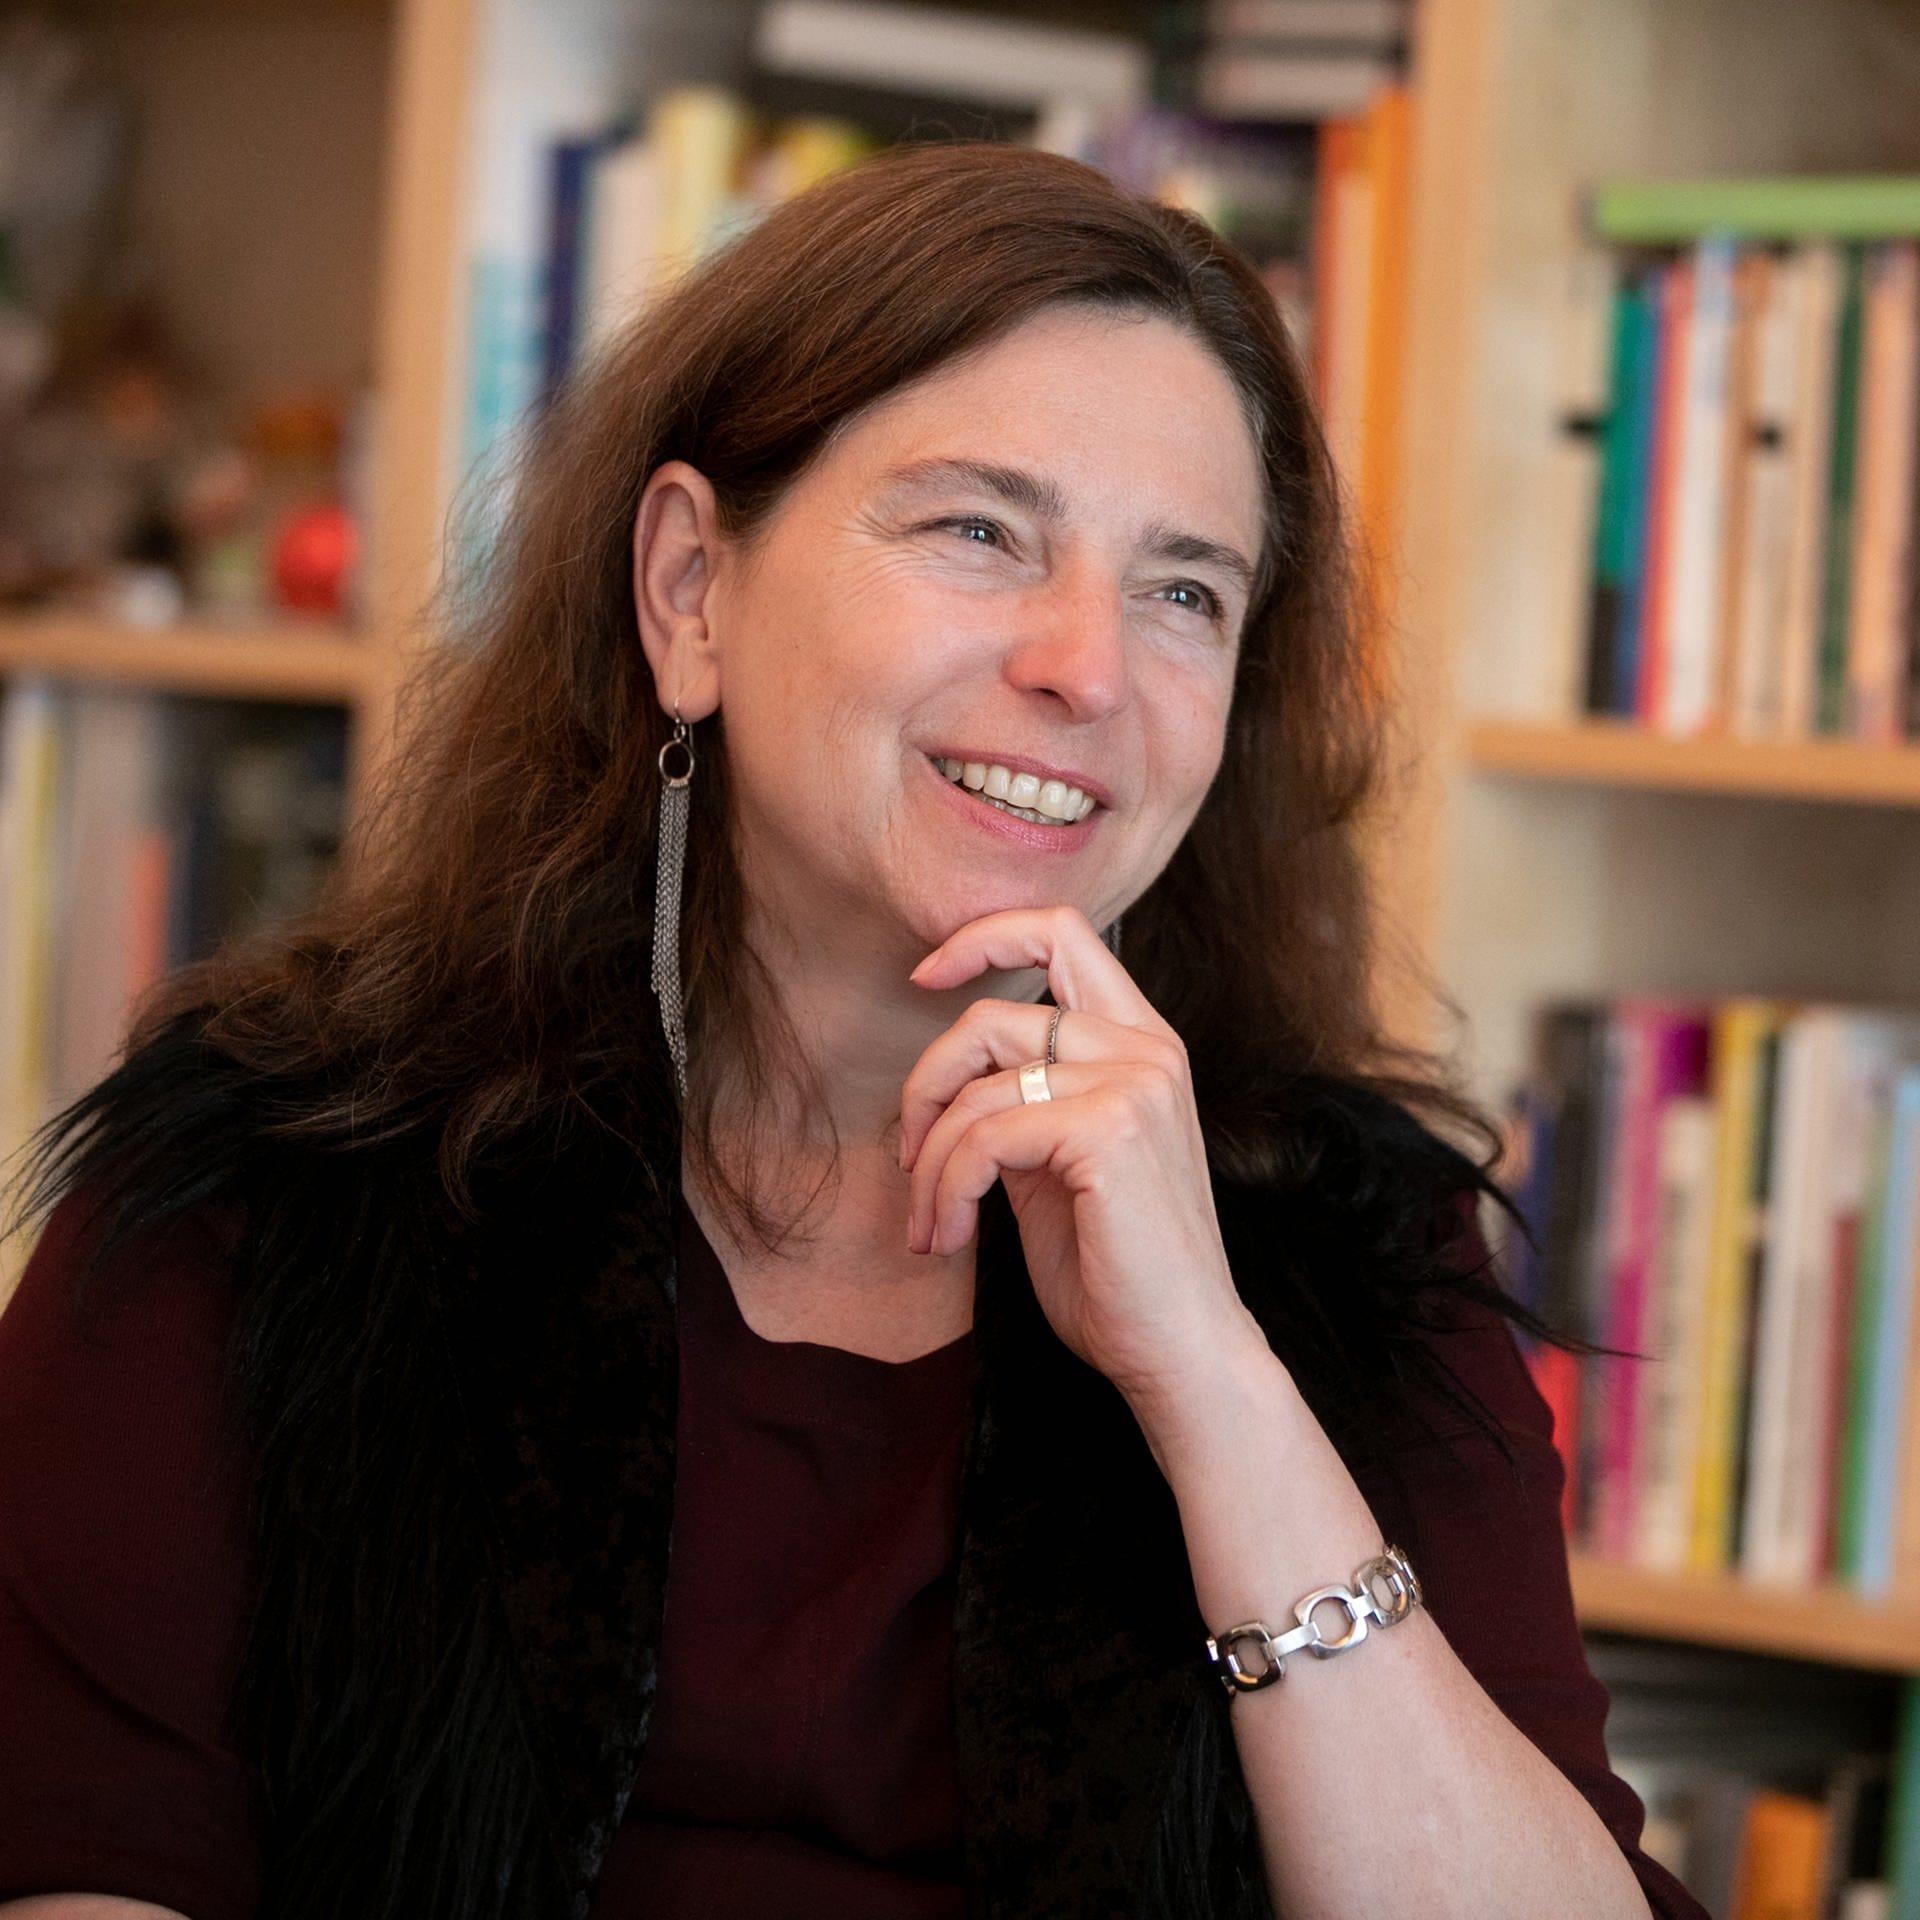 Dr. Brigitte Holzinger   Psychotherapeutin   Entwickelte Methode, Albträume zu bewältigen   SWR1 Leute